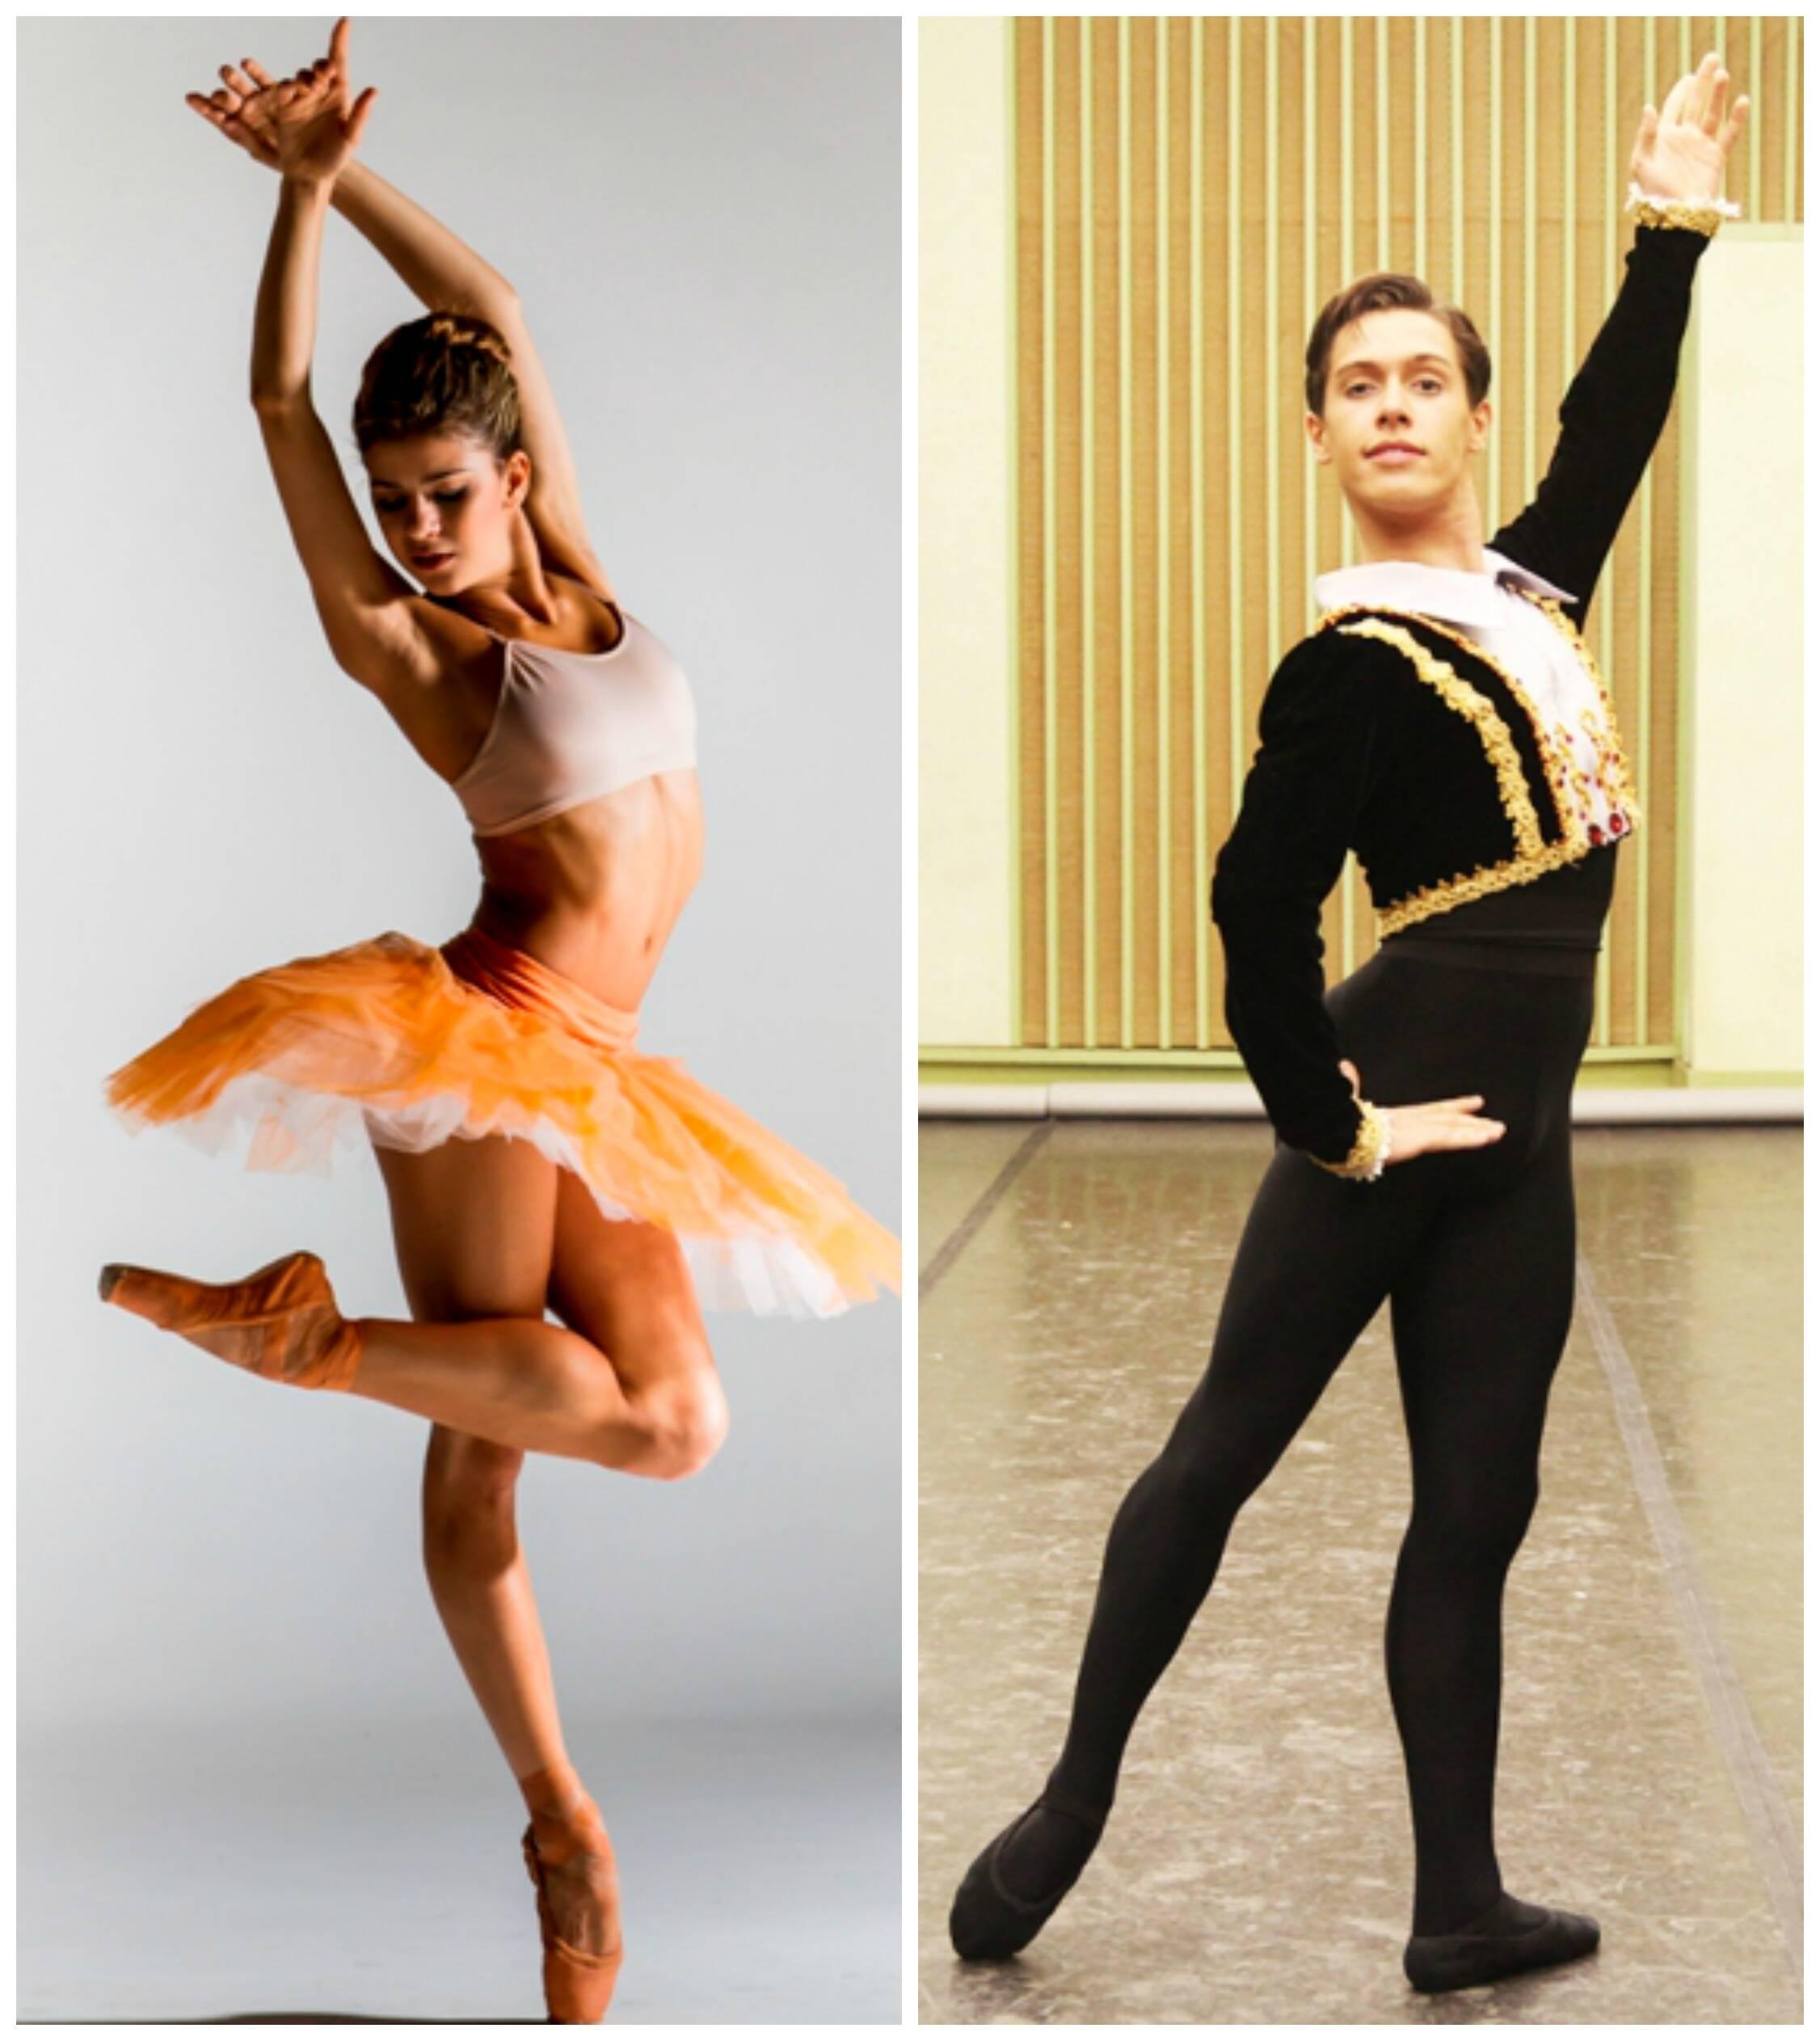 Mayara e Ivan: dois casos de ex-alunos do Dançar a Vida que conseguiram projeção na carreira / Fotos: divulgação